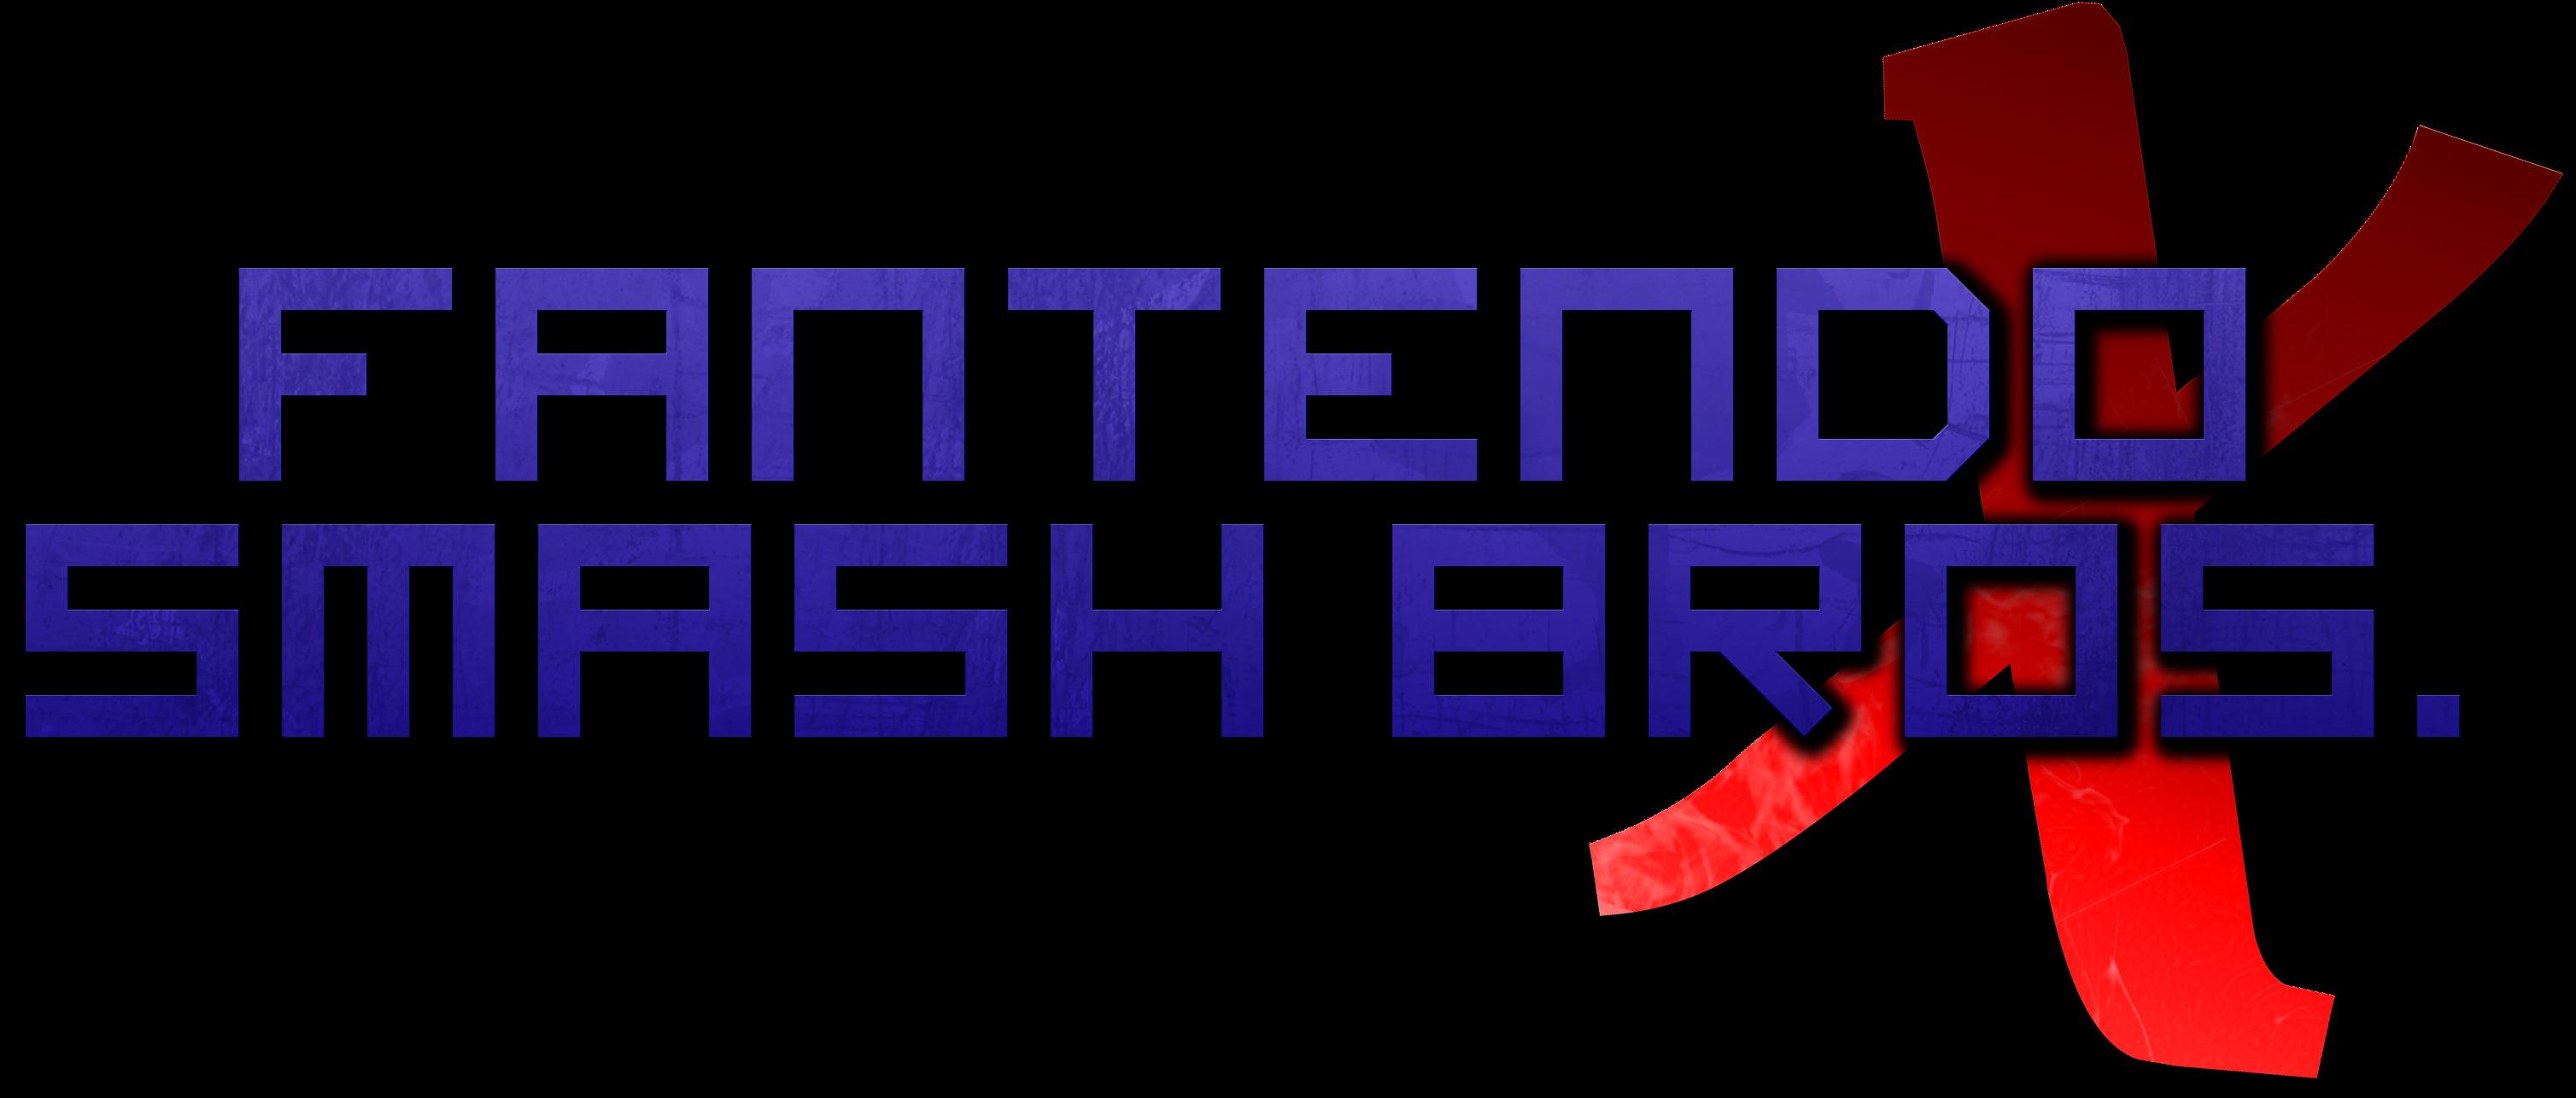 ACL-FSB-2017 logo